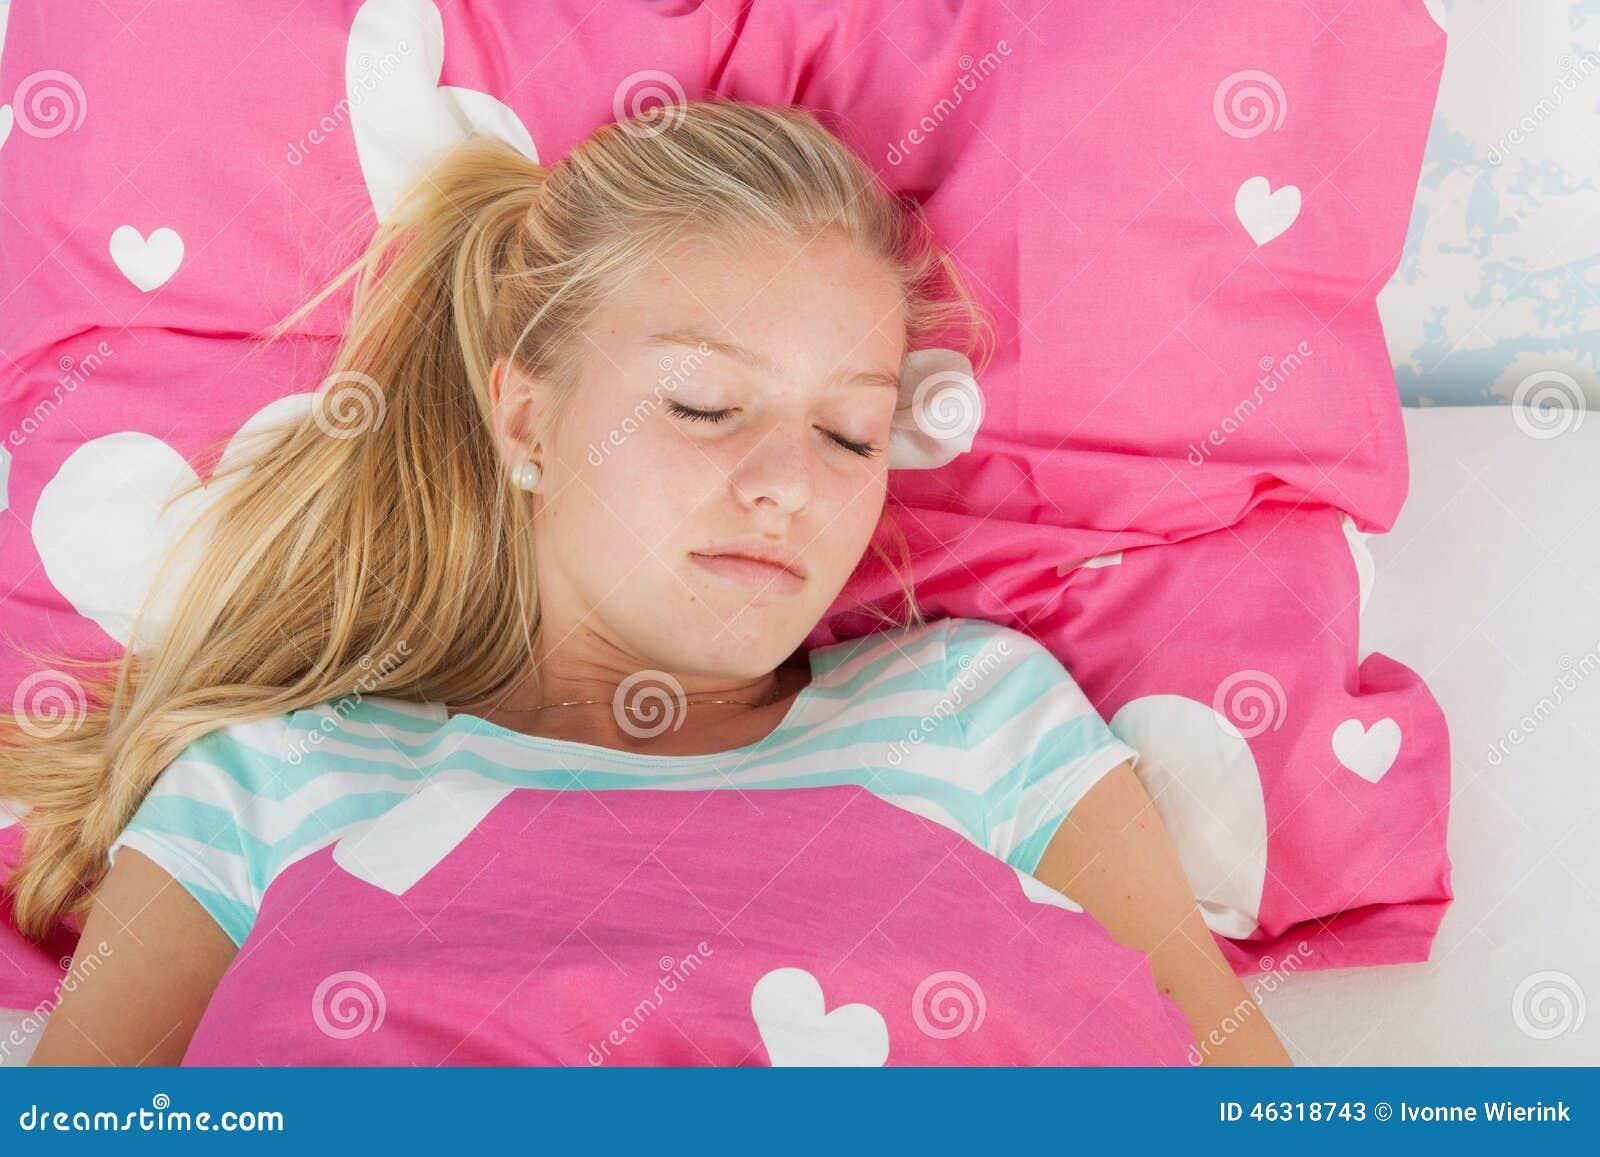 Sleeping Teen Girl Stock Photo - Image: 46318743